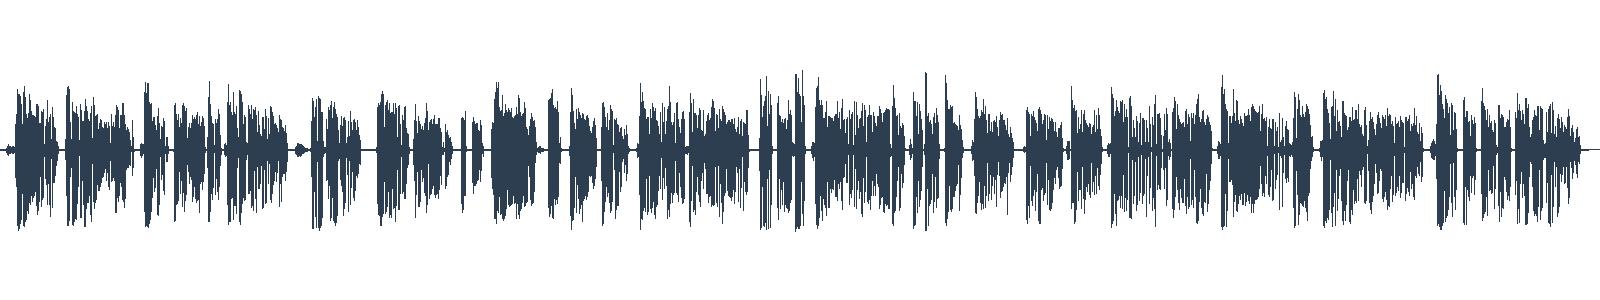 Sharpův tygr (ukázka z audioknihy) waveform